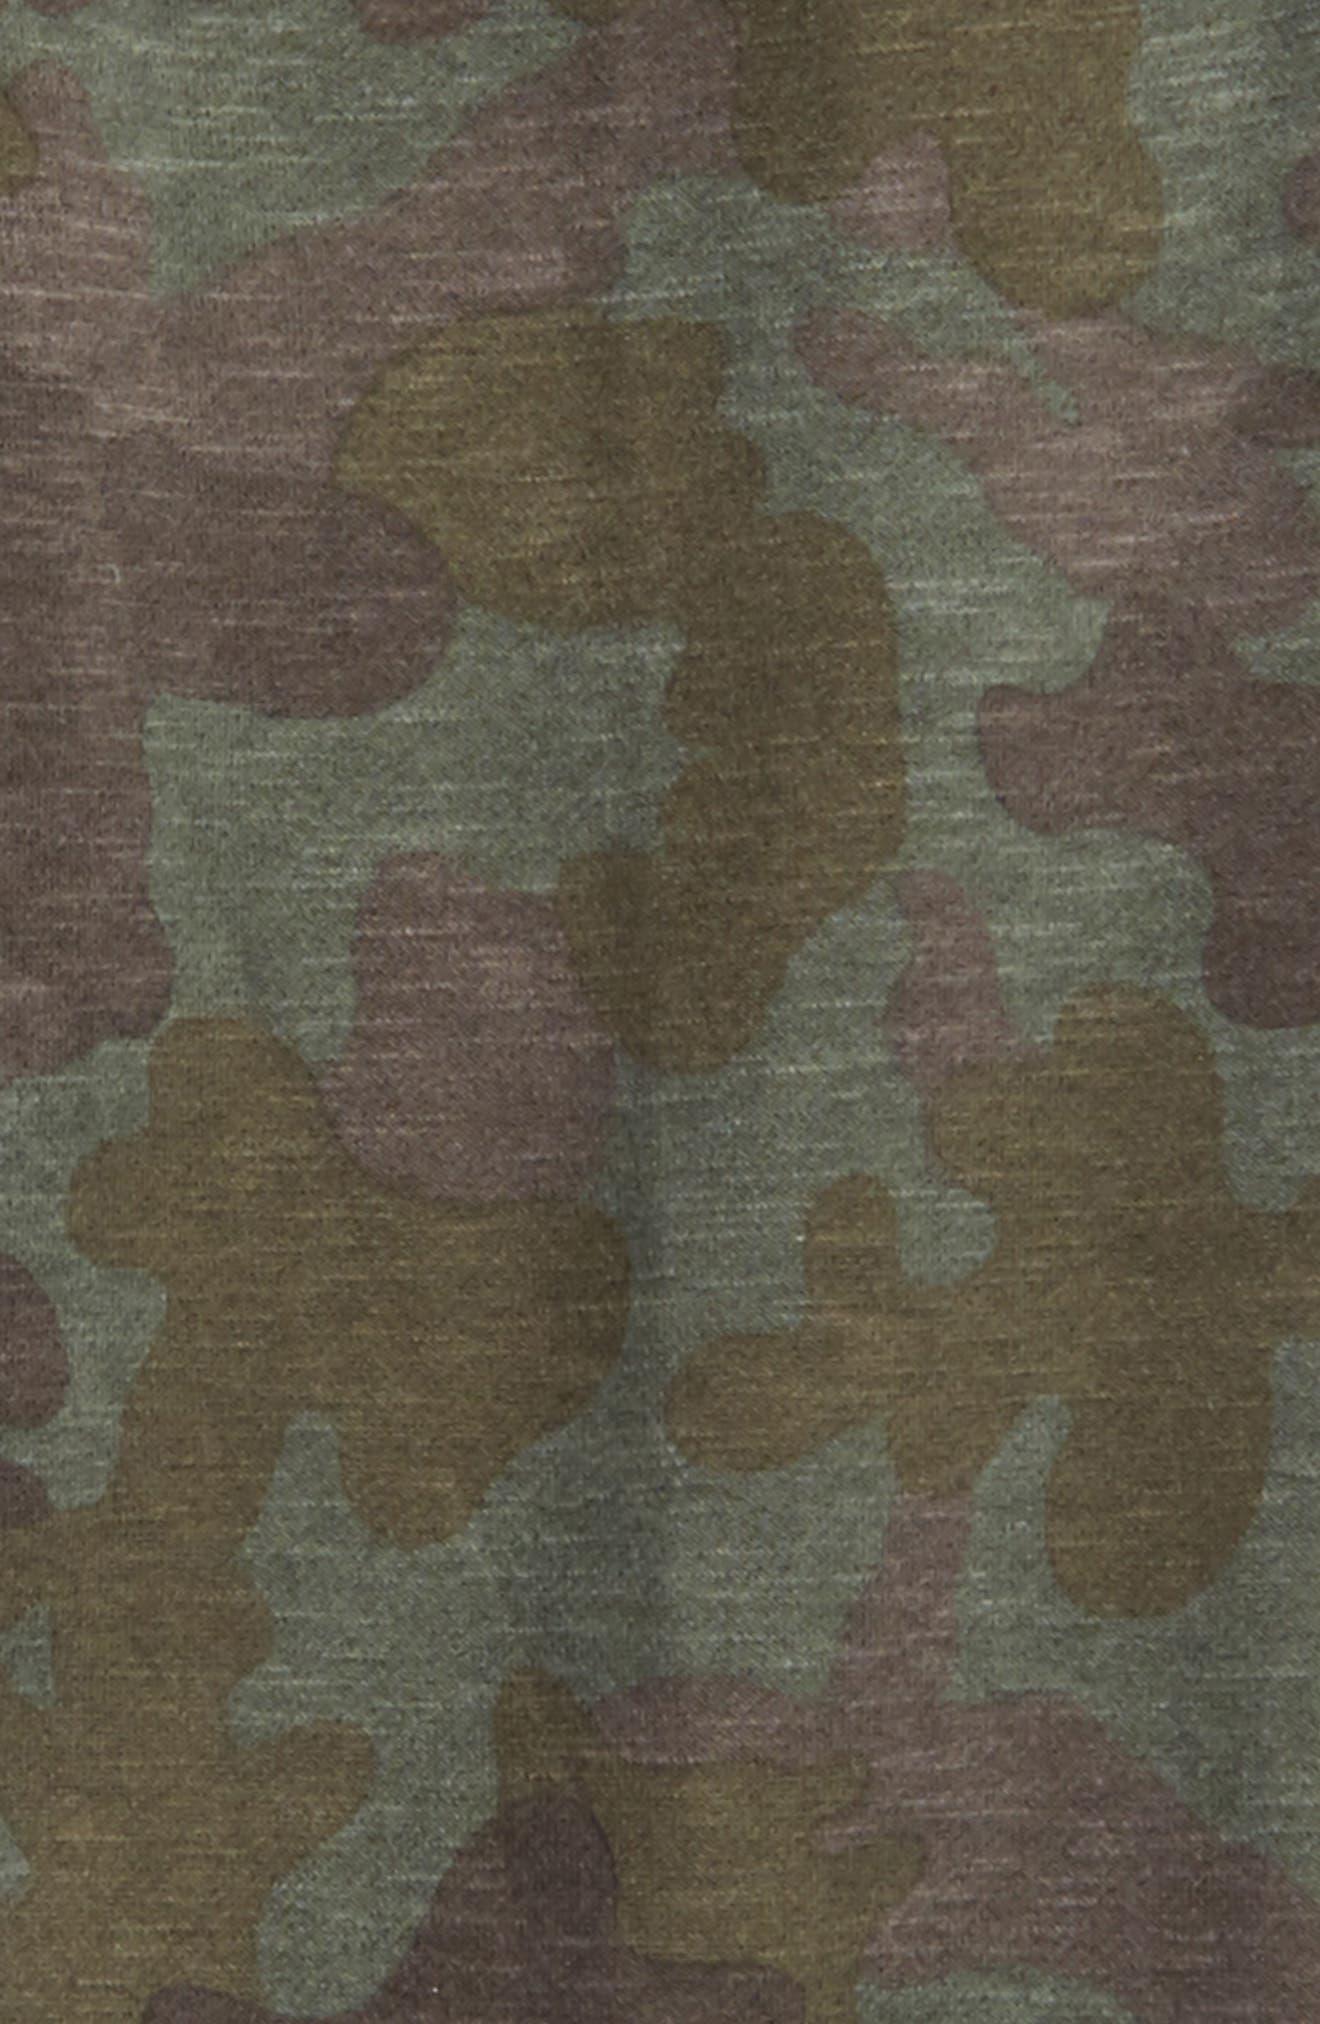 Destination Fleece Sweatpants,                             Alternate thumbnail 3, color,                             344